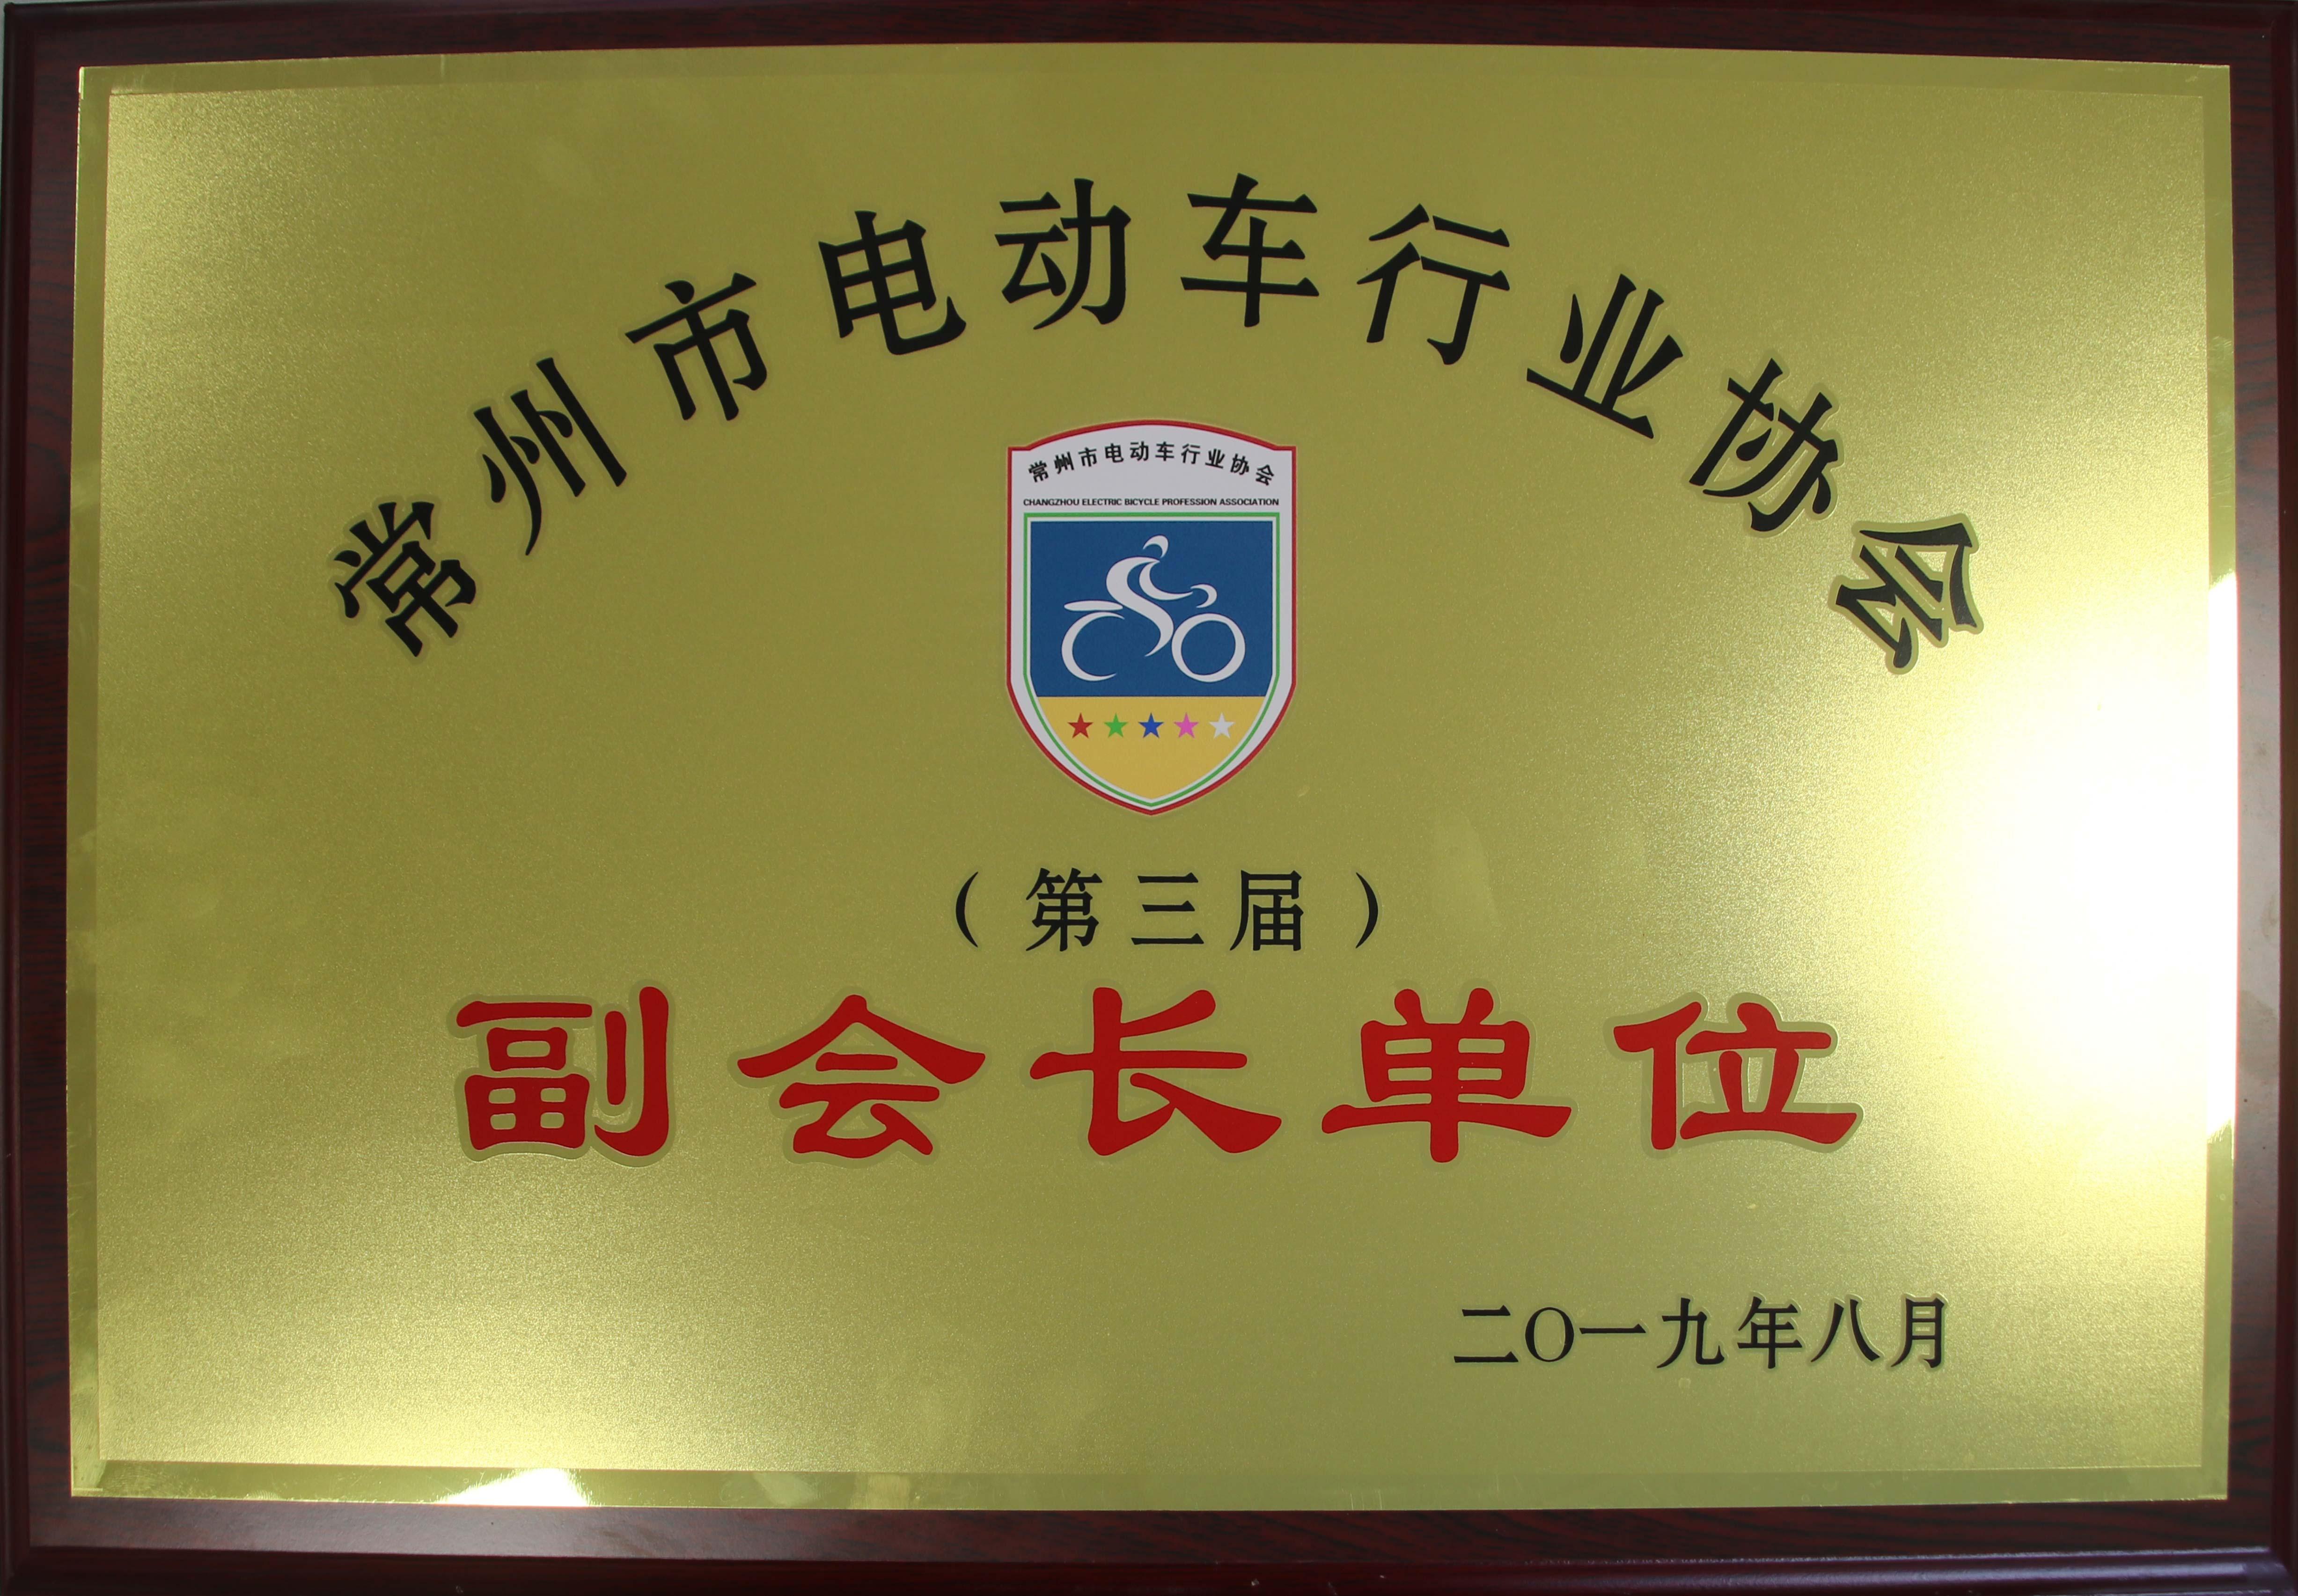 电动车行业协会